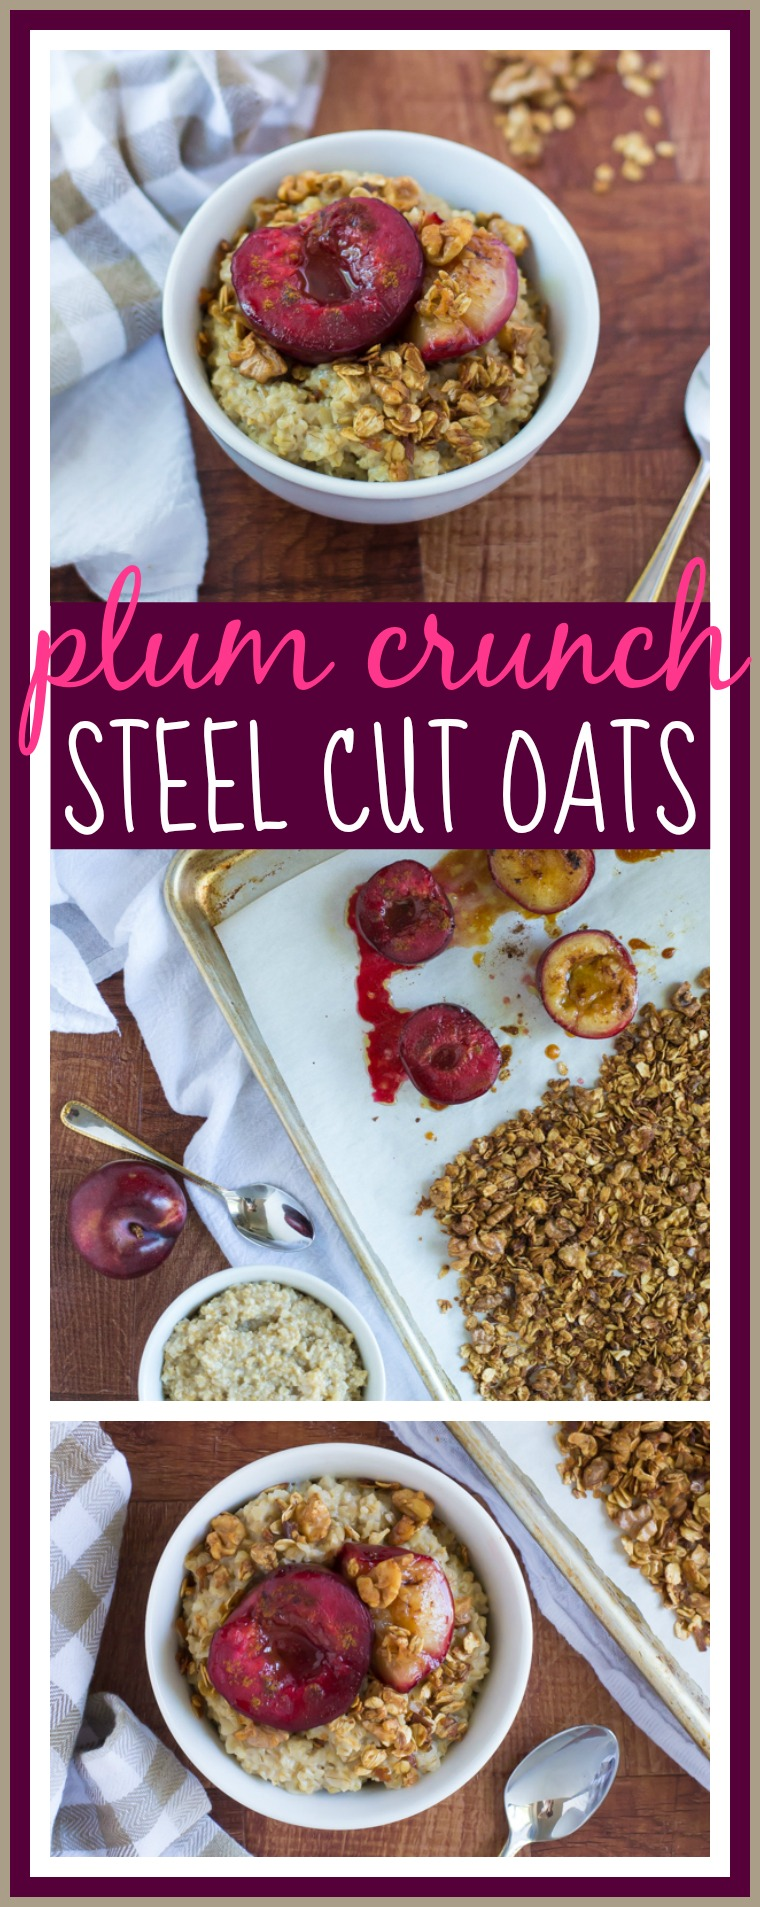 Plum Crunch Steel Cut Oats // Well-Plated